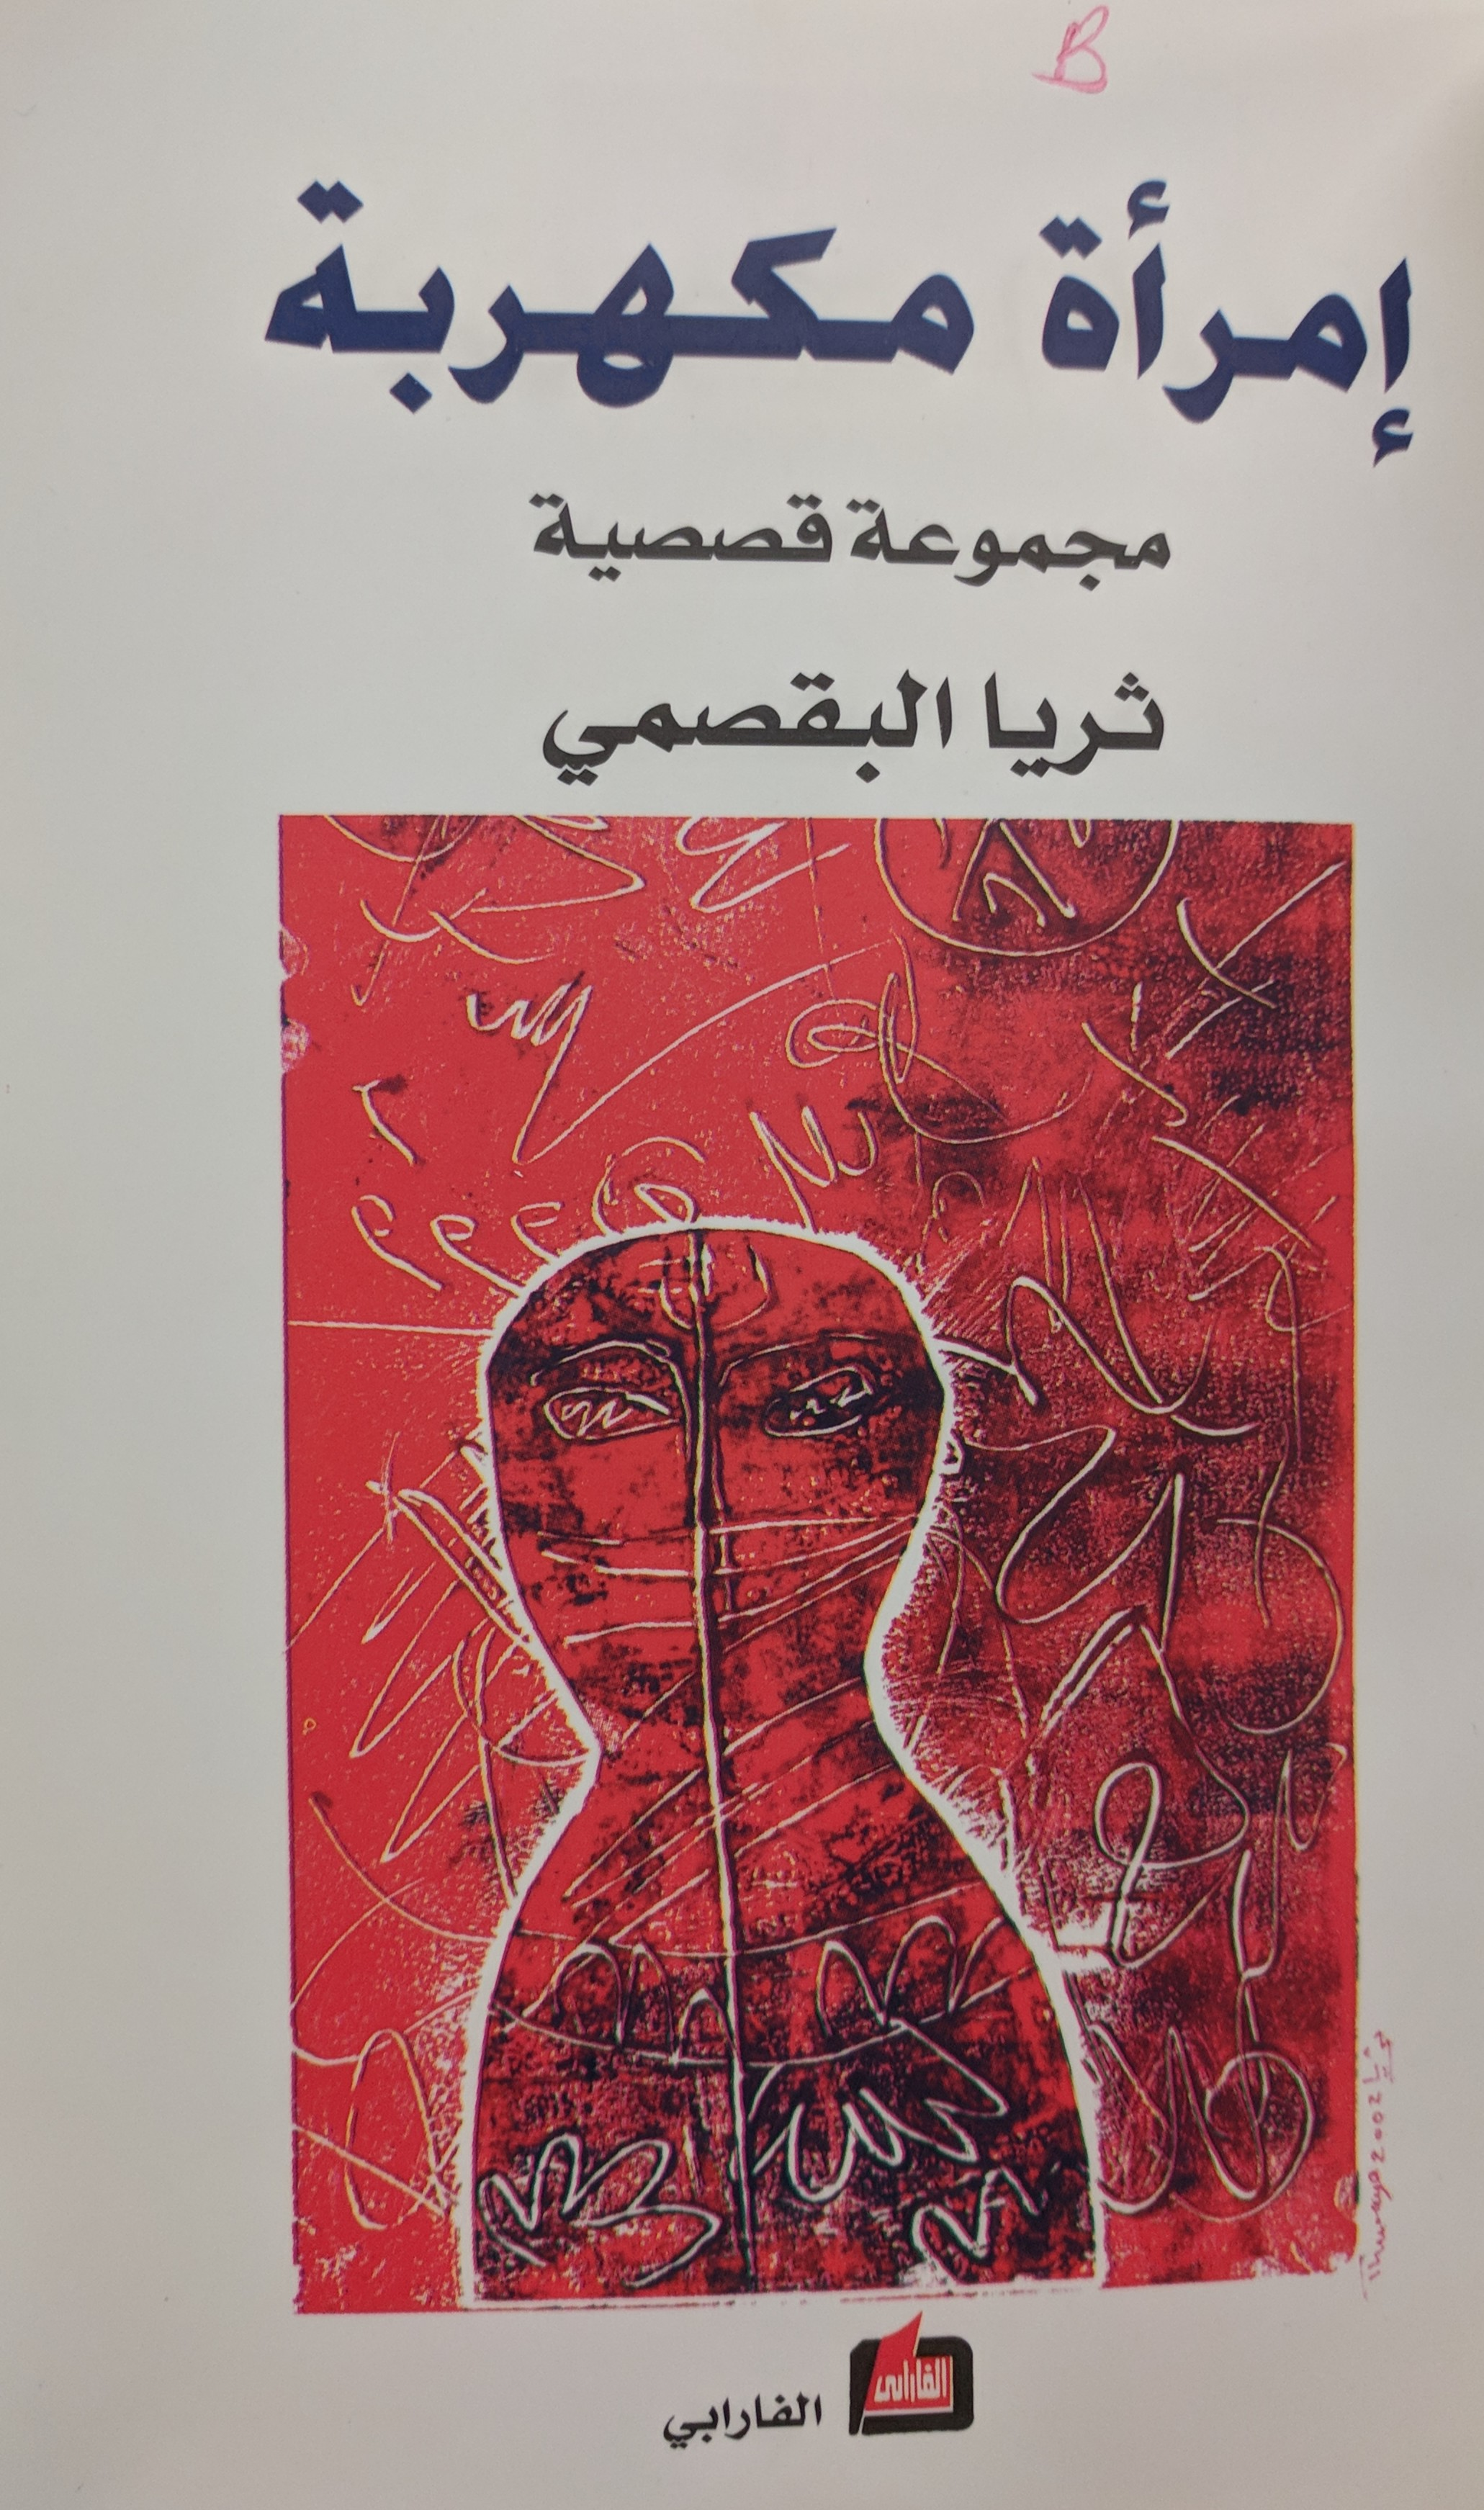 Thurayyā al-Baqṣamī, Imraʾah mukahrabah: majmūʿah qiṣasiyyah (Bayrūt: Dār al-Fārābī, 2004)